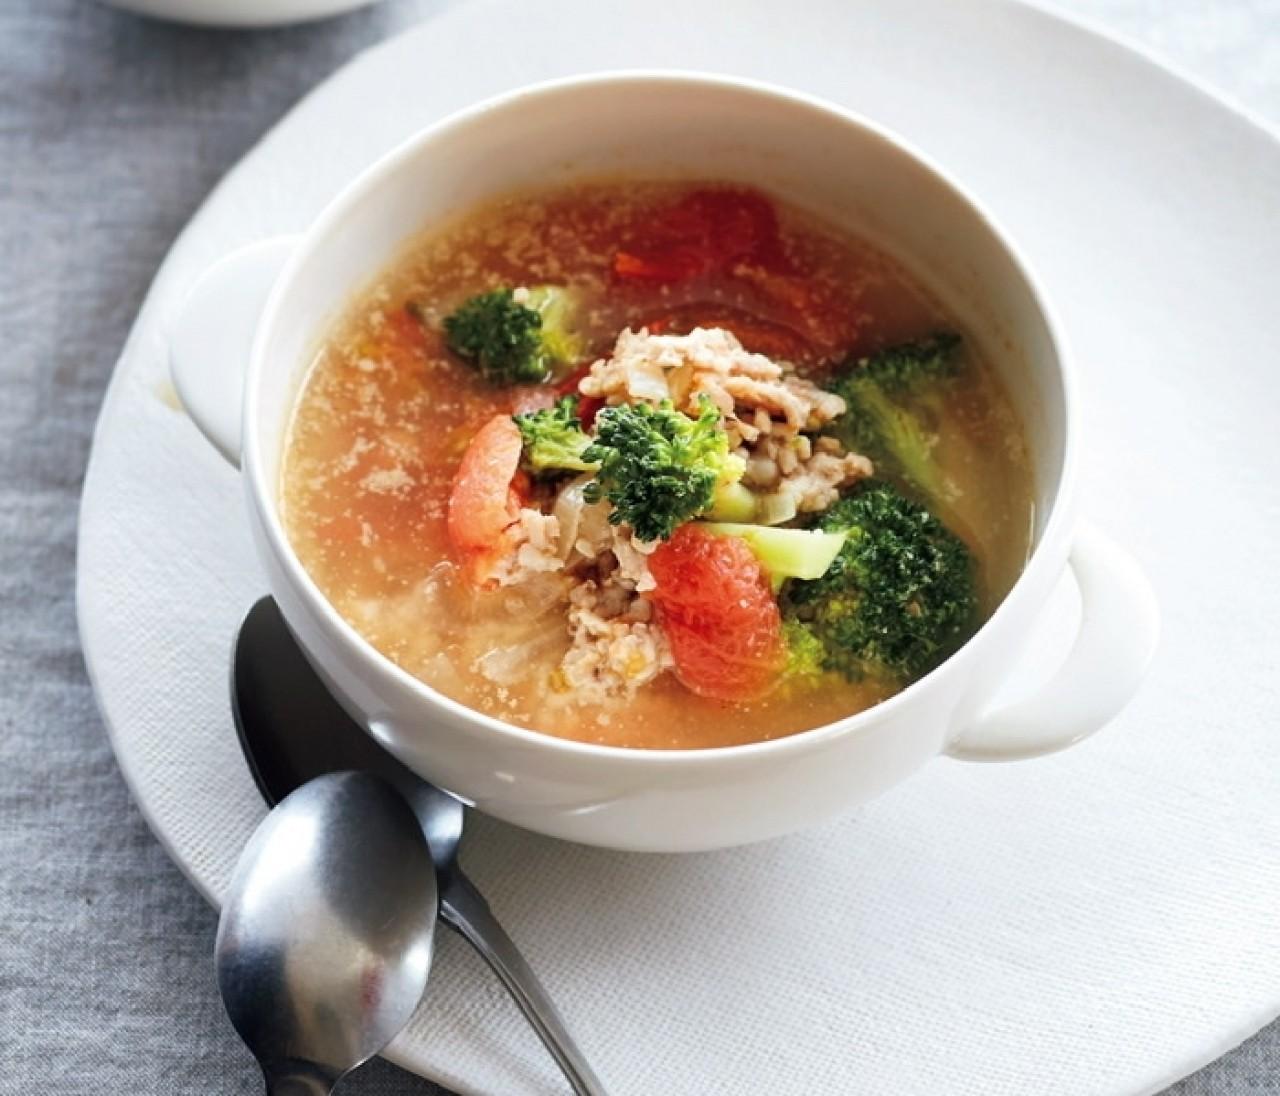 【新刊発売記念】 Atsushiさんの美白に効く「鶏ひき肉とブロッコリー、トマトのスープ」レシピ特別公開